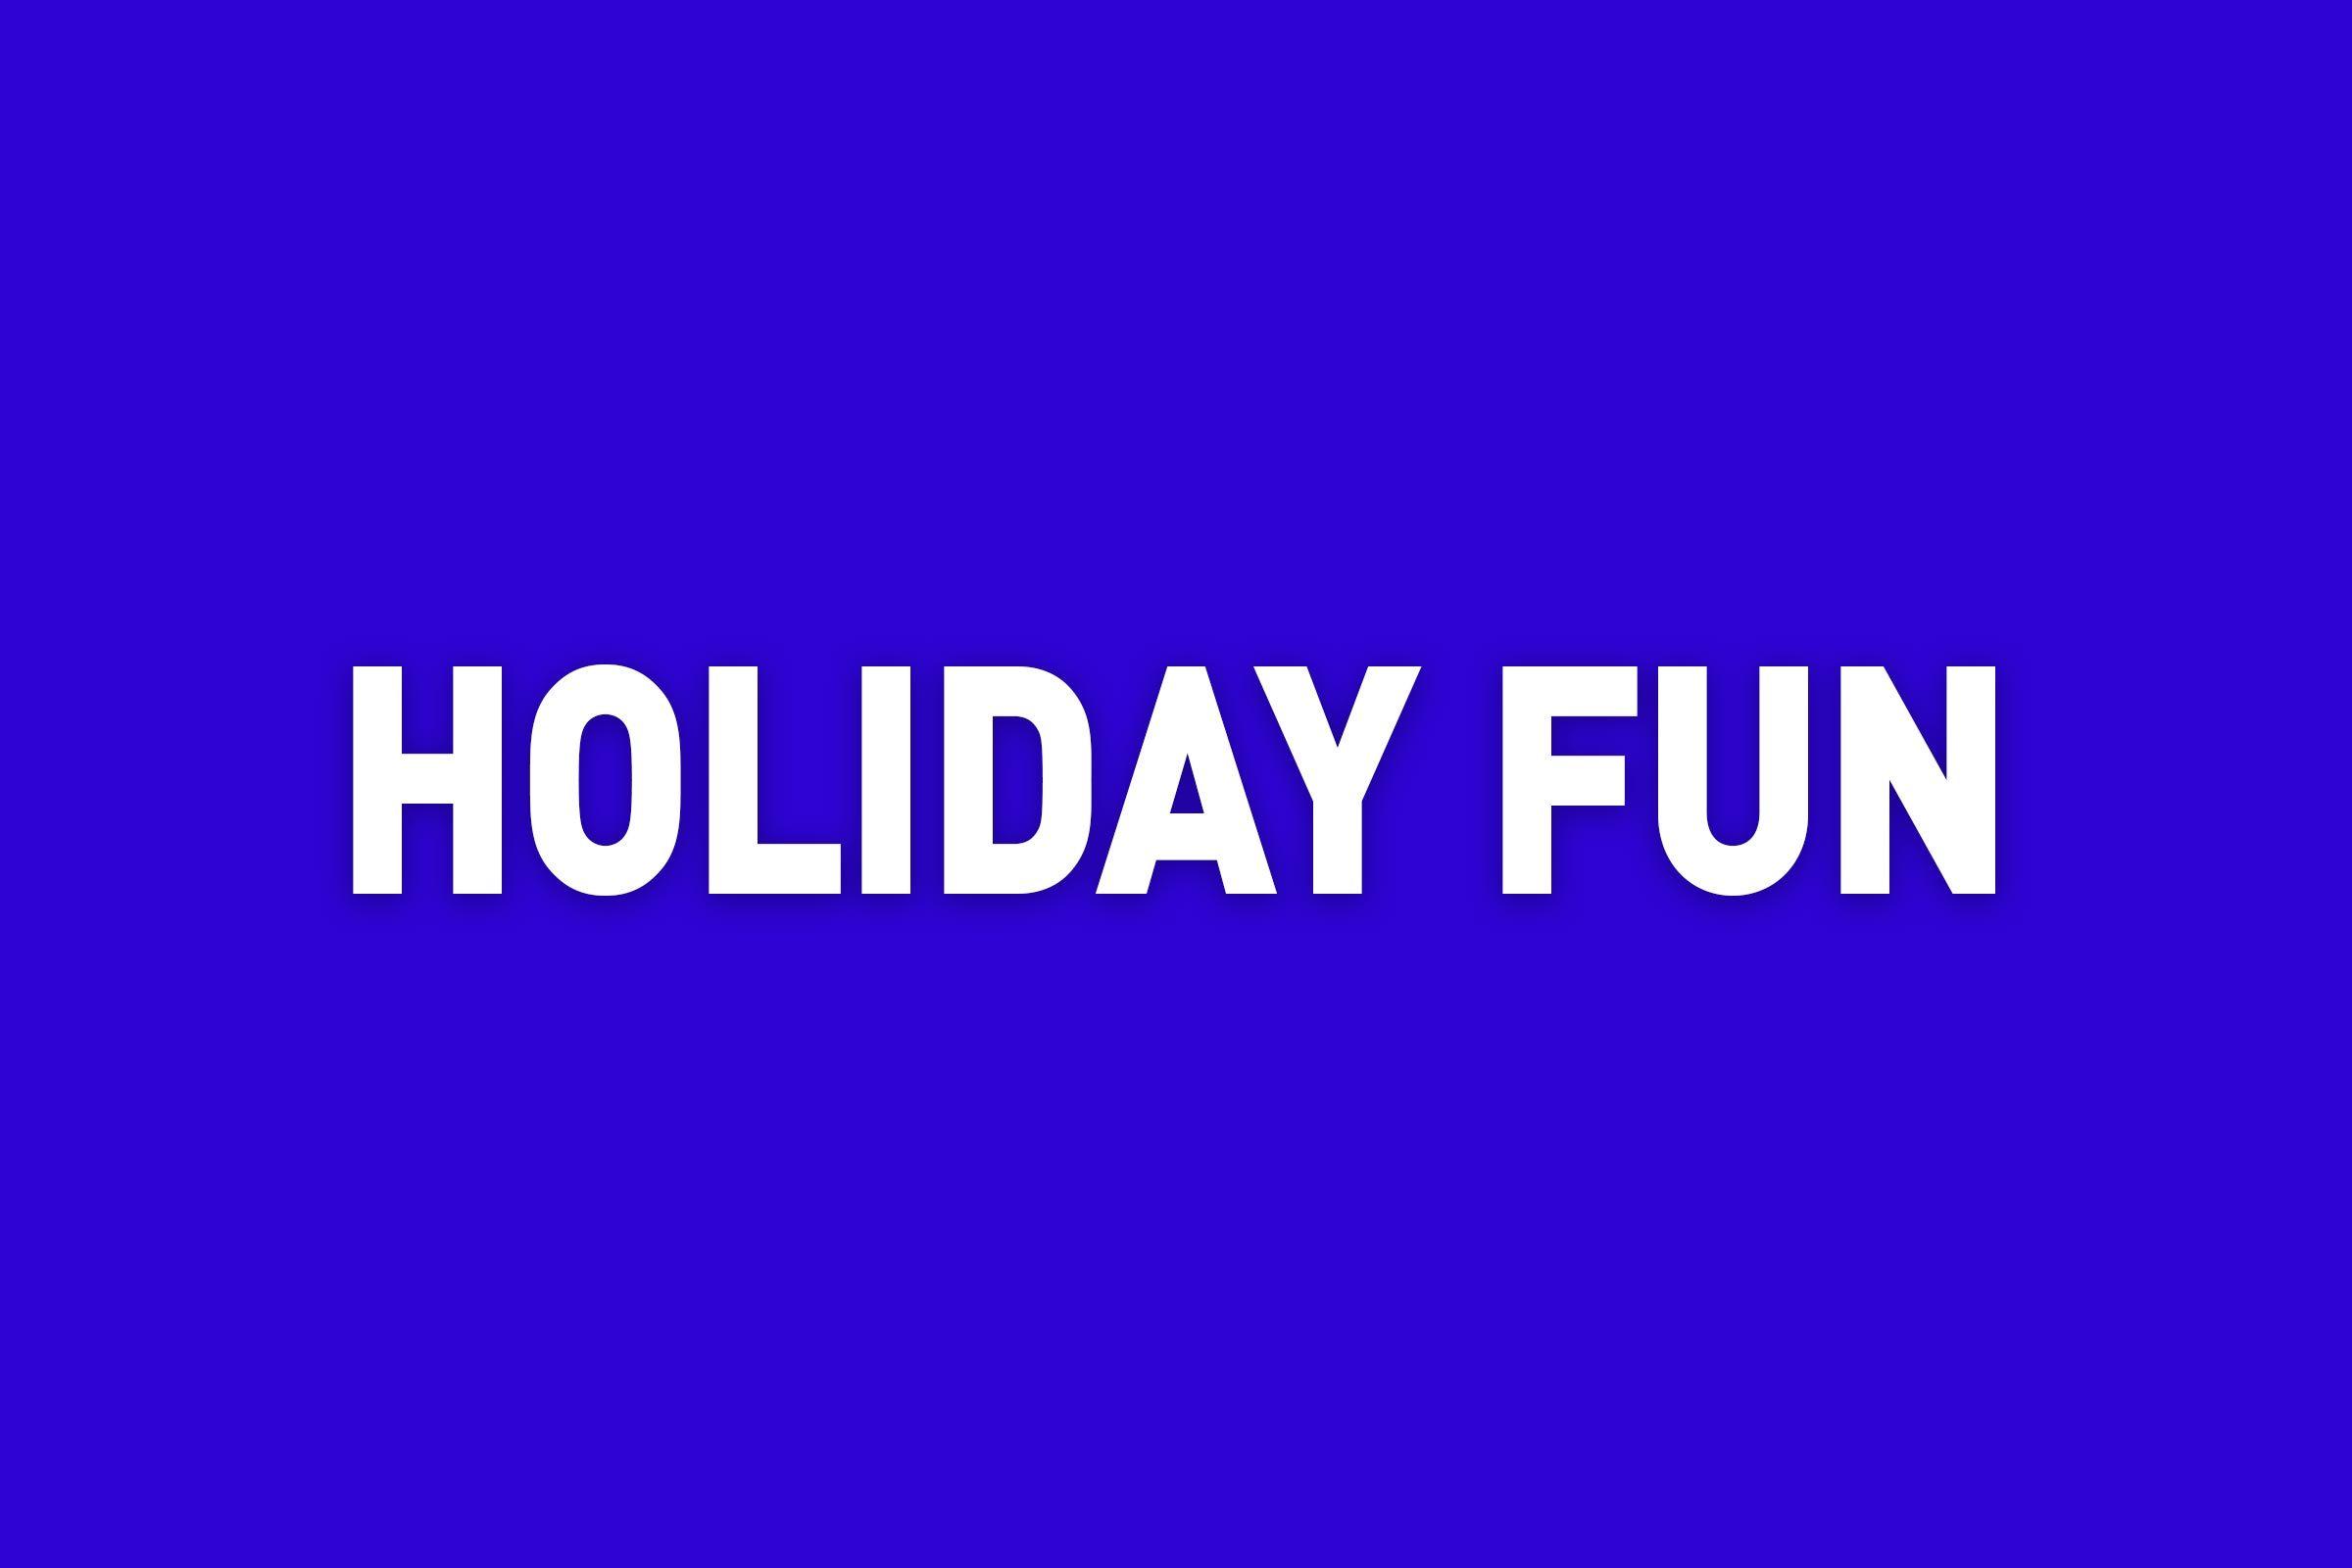 holiday fun jeopardy category